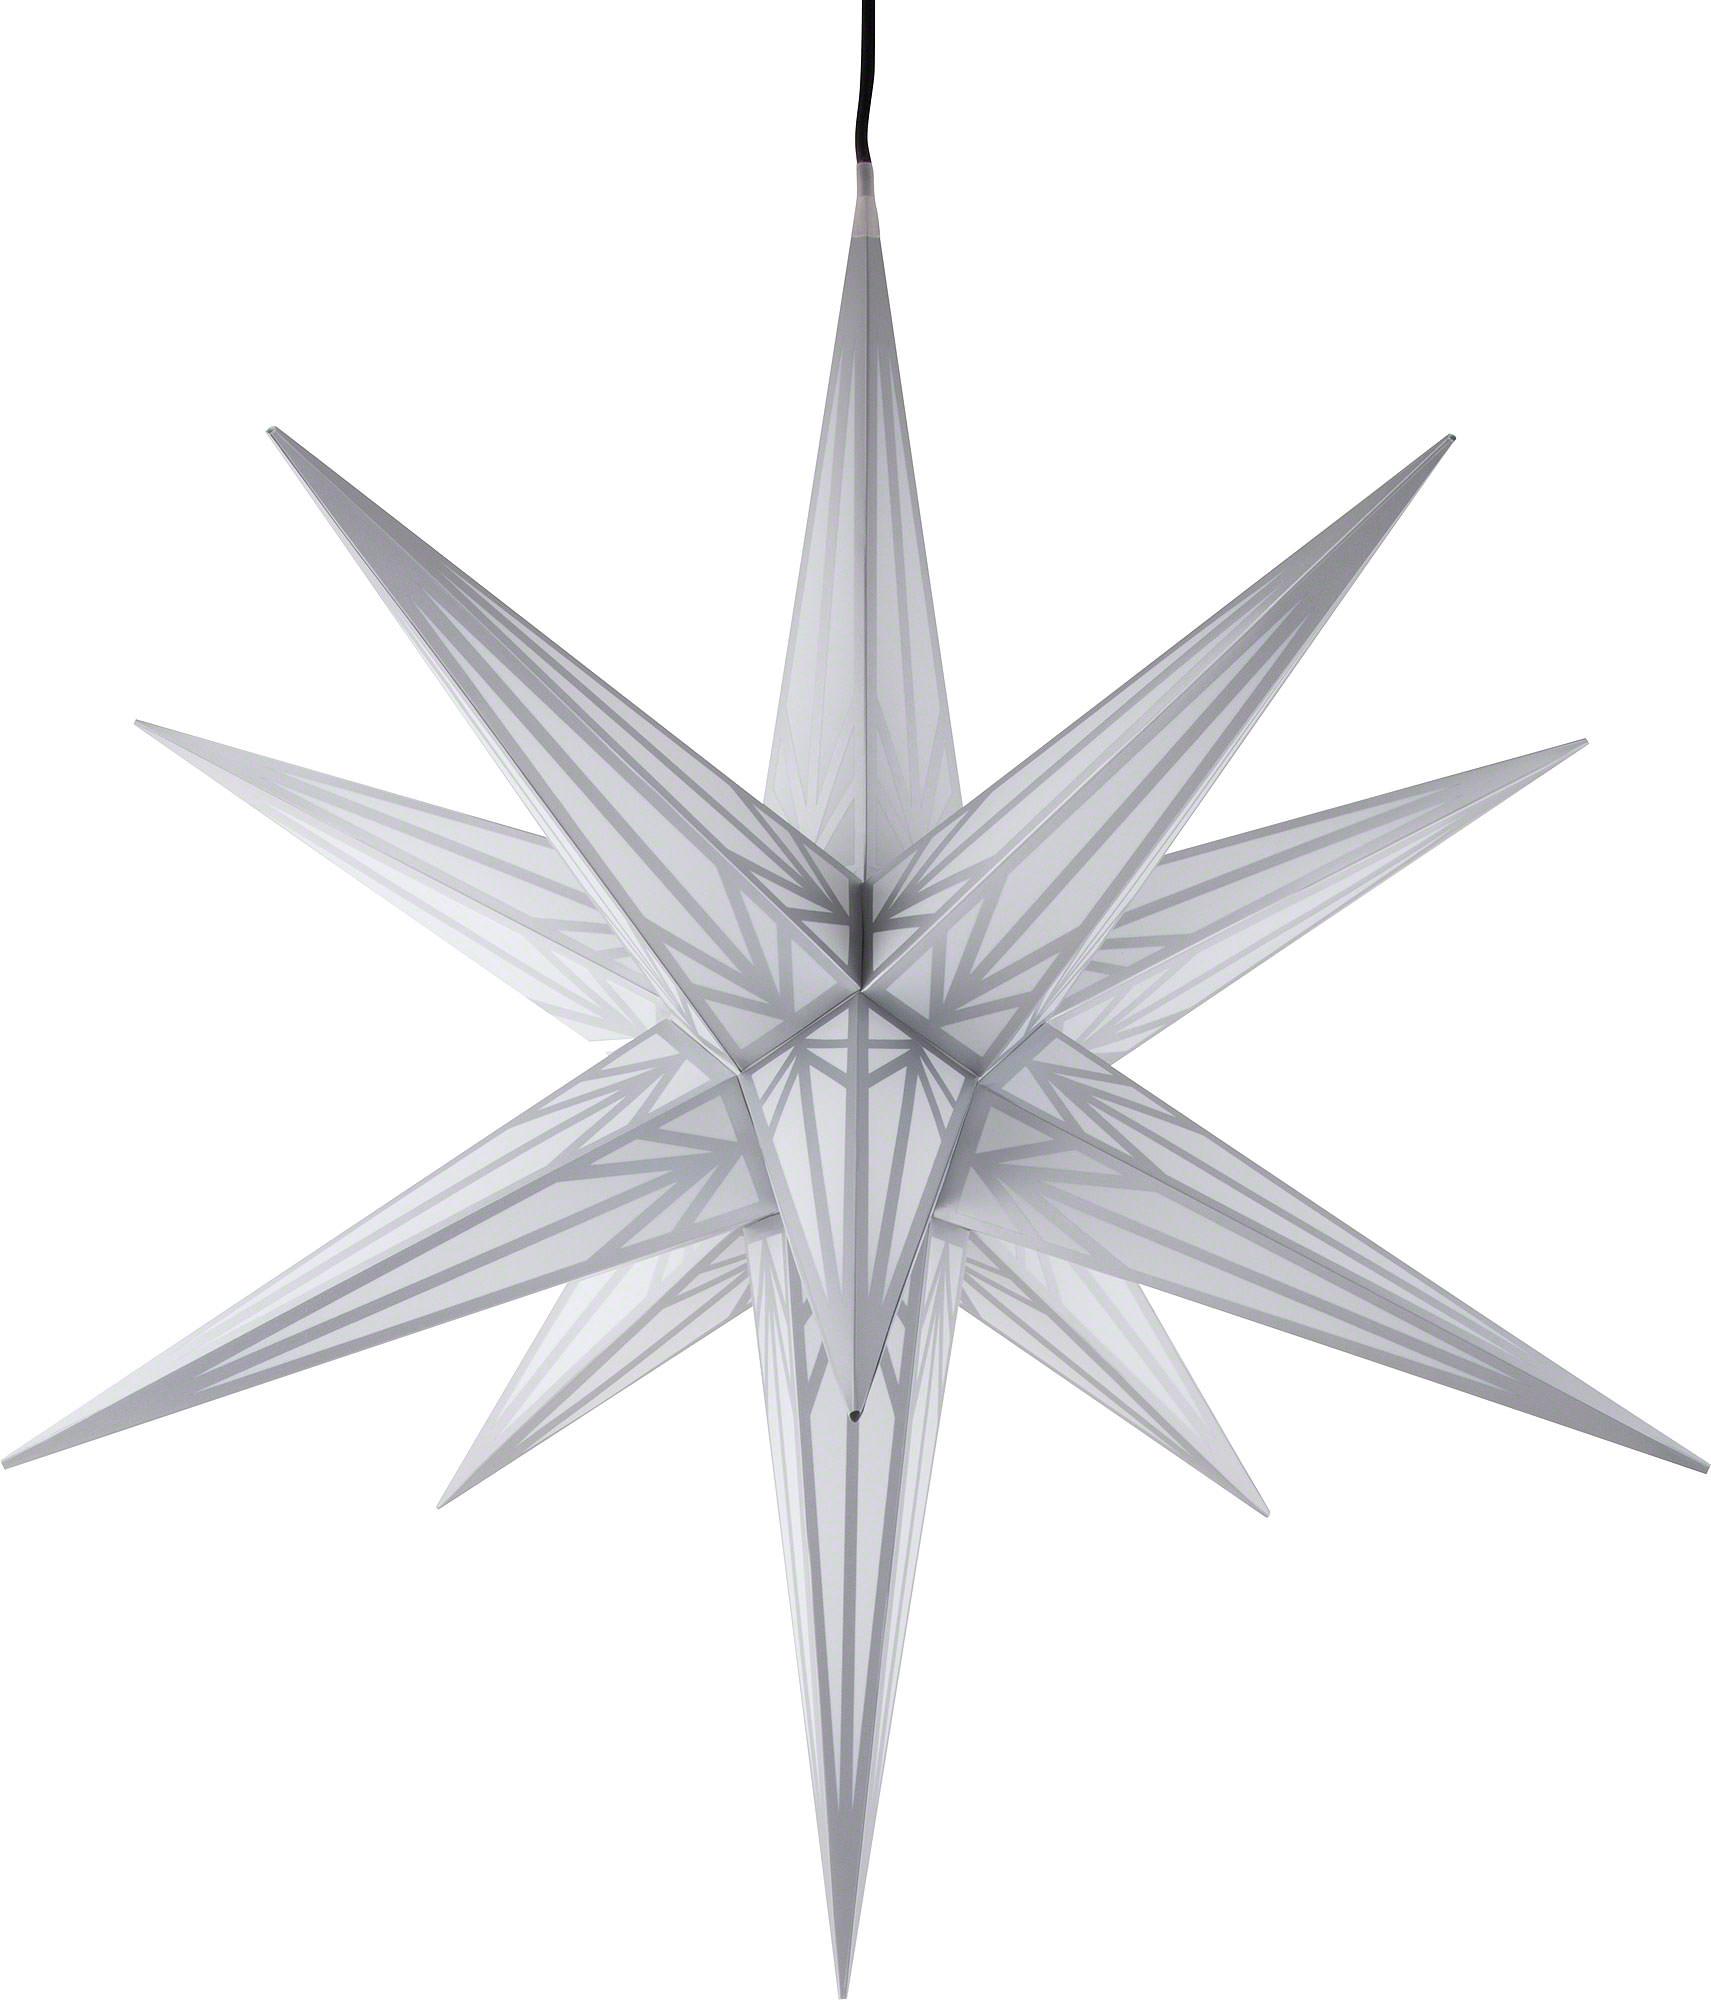 Weihnachtsstern Für Außen Mit Beleuchtung | Hasslauer Weihnachtsstern Fur Innen Und Aussen Weiss Mit Silbermuster